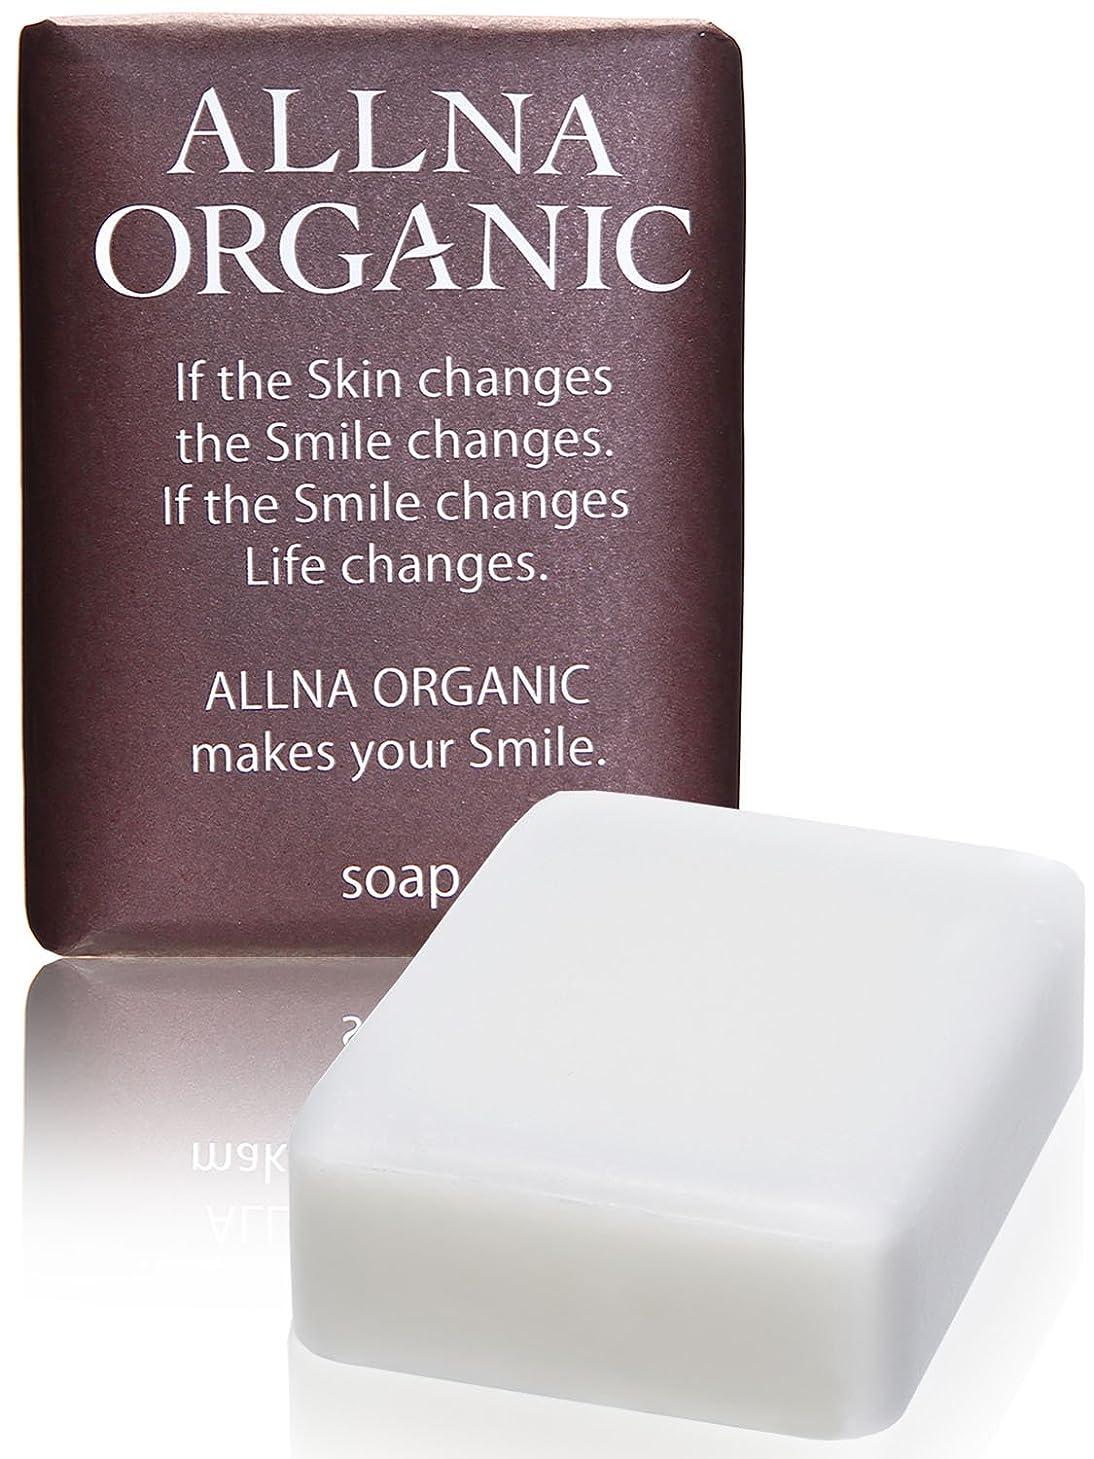 エラー下品消去オルナ オーガニック 石鹸 「 無添加 敏感 肌用 毛穴 対策 洗顔石鹸 」「 コラーゲン 3種 + ヒアルロン酸 4種 + ビタミンC 4種 + セラミド 配合」 保湿 固形 洗顔 せっけん バスサイズ 100g